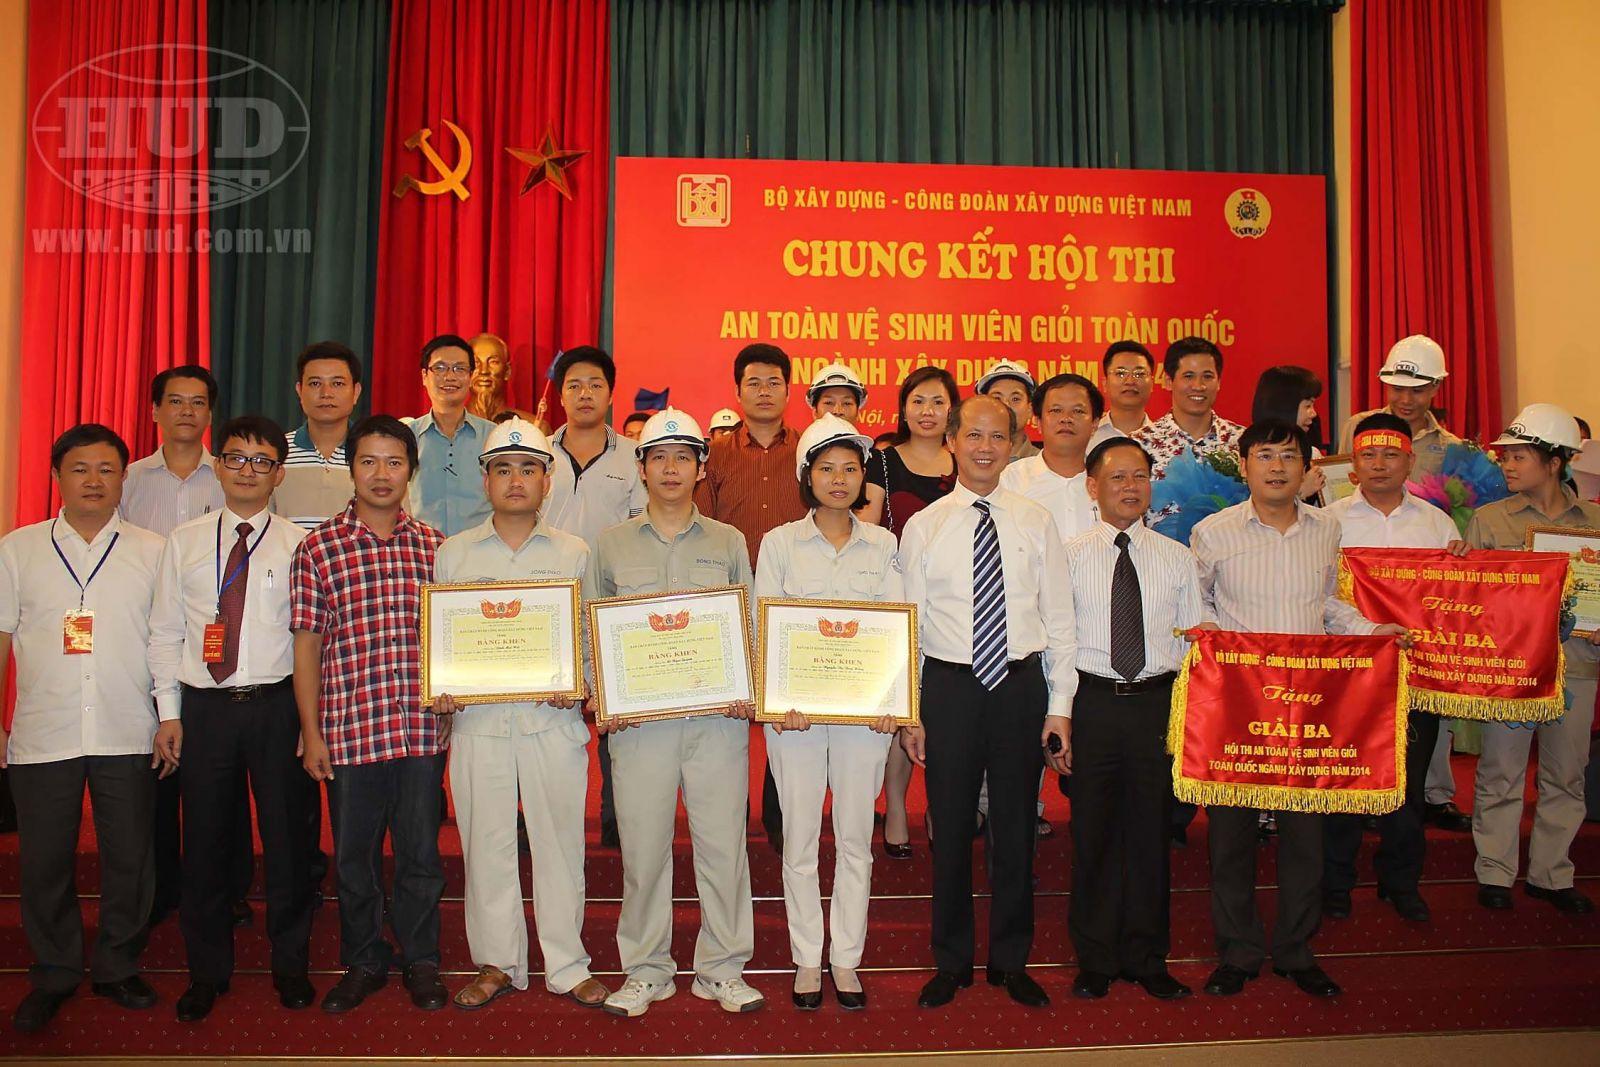 """Chung kết """"Hội thi An toàn vệ sinh viên giỏi năm 2014"""", Công ty CP Xi măng Sông Thao - Tổng công ty HUD đạt giải Ba"""